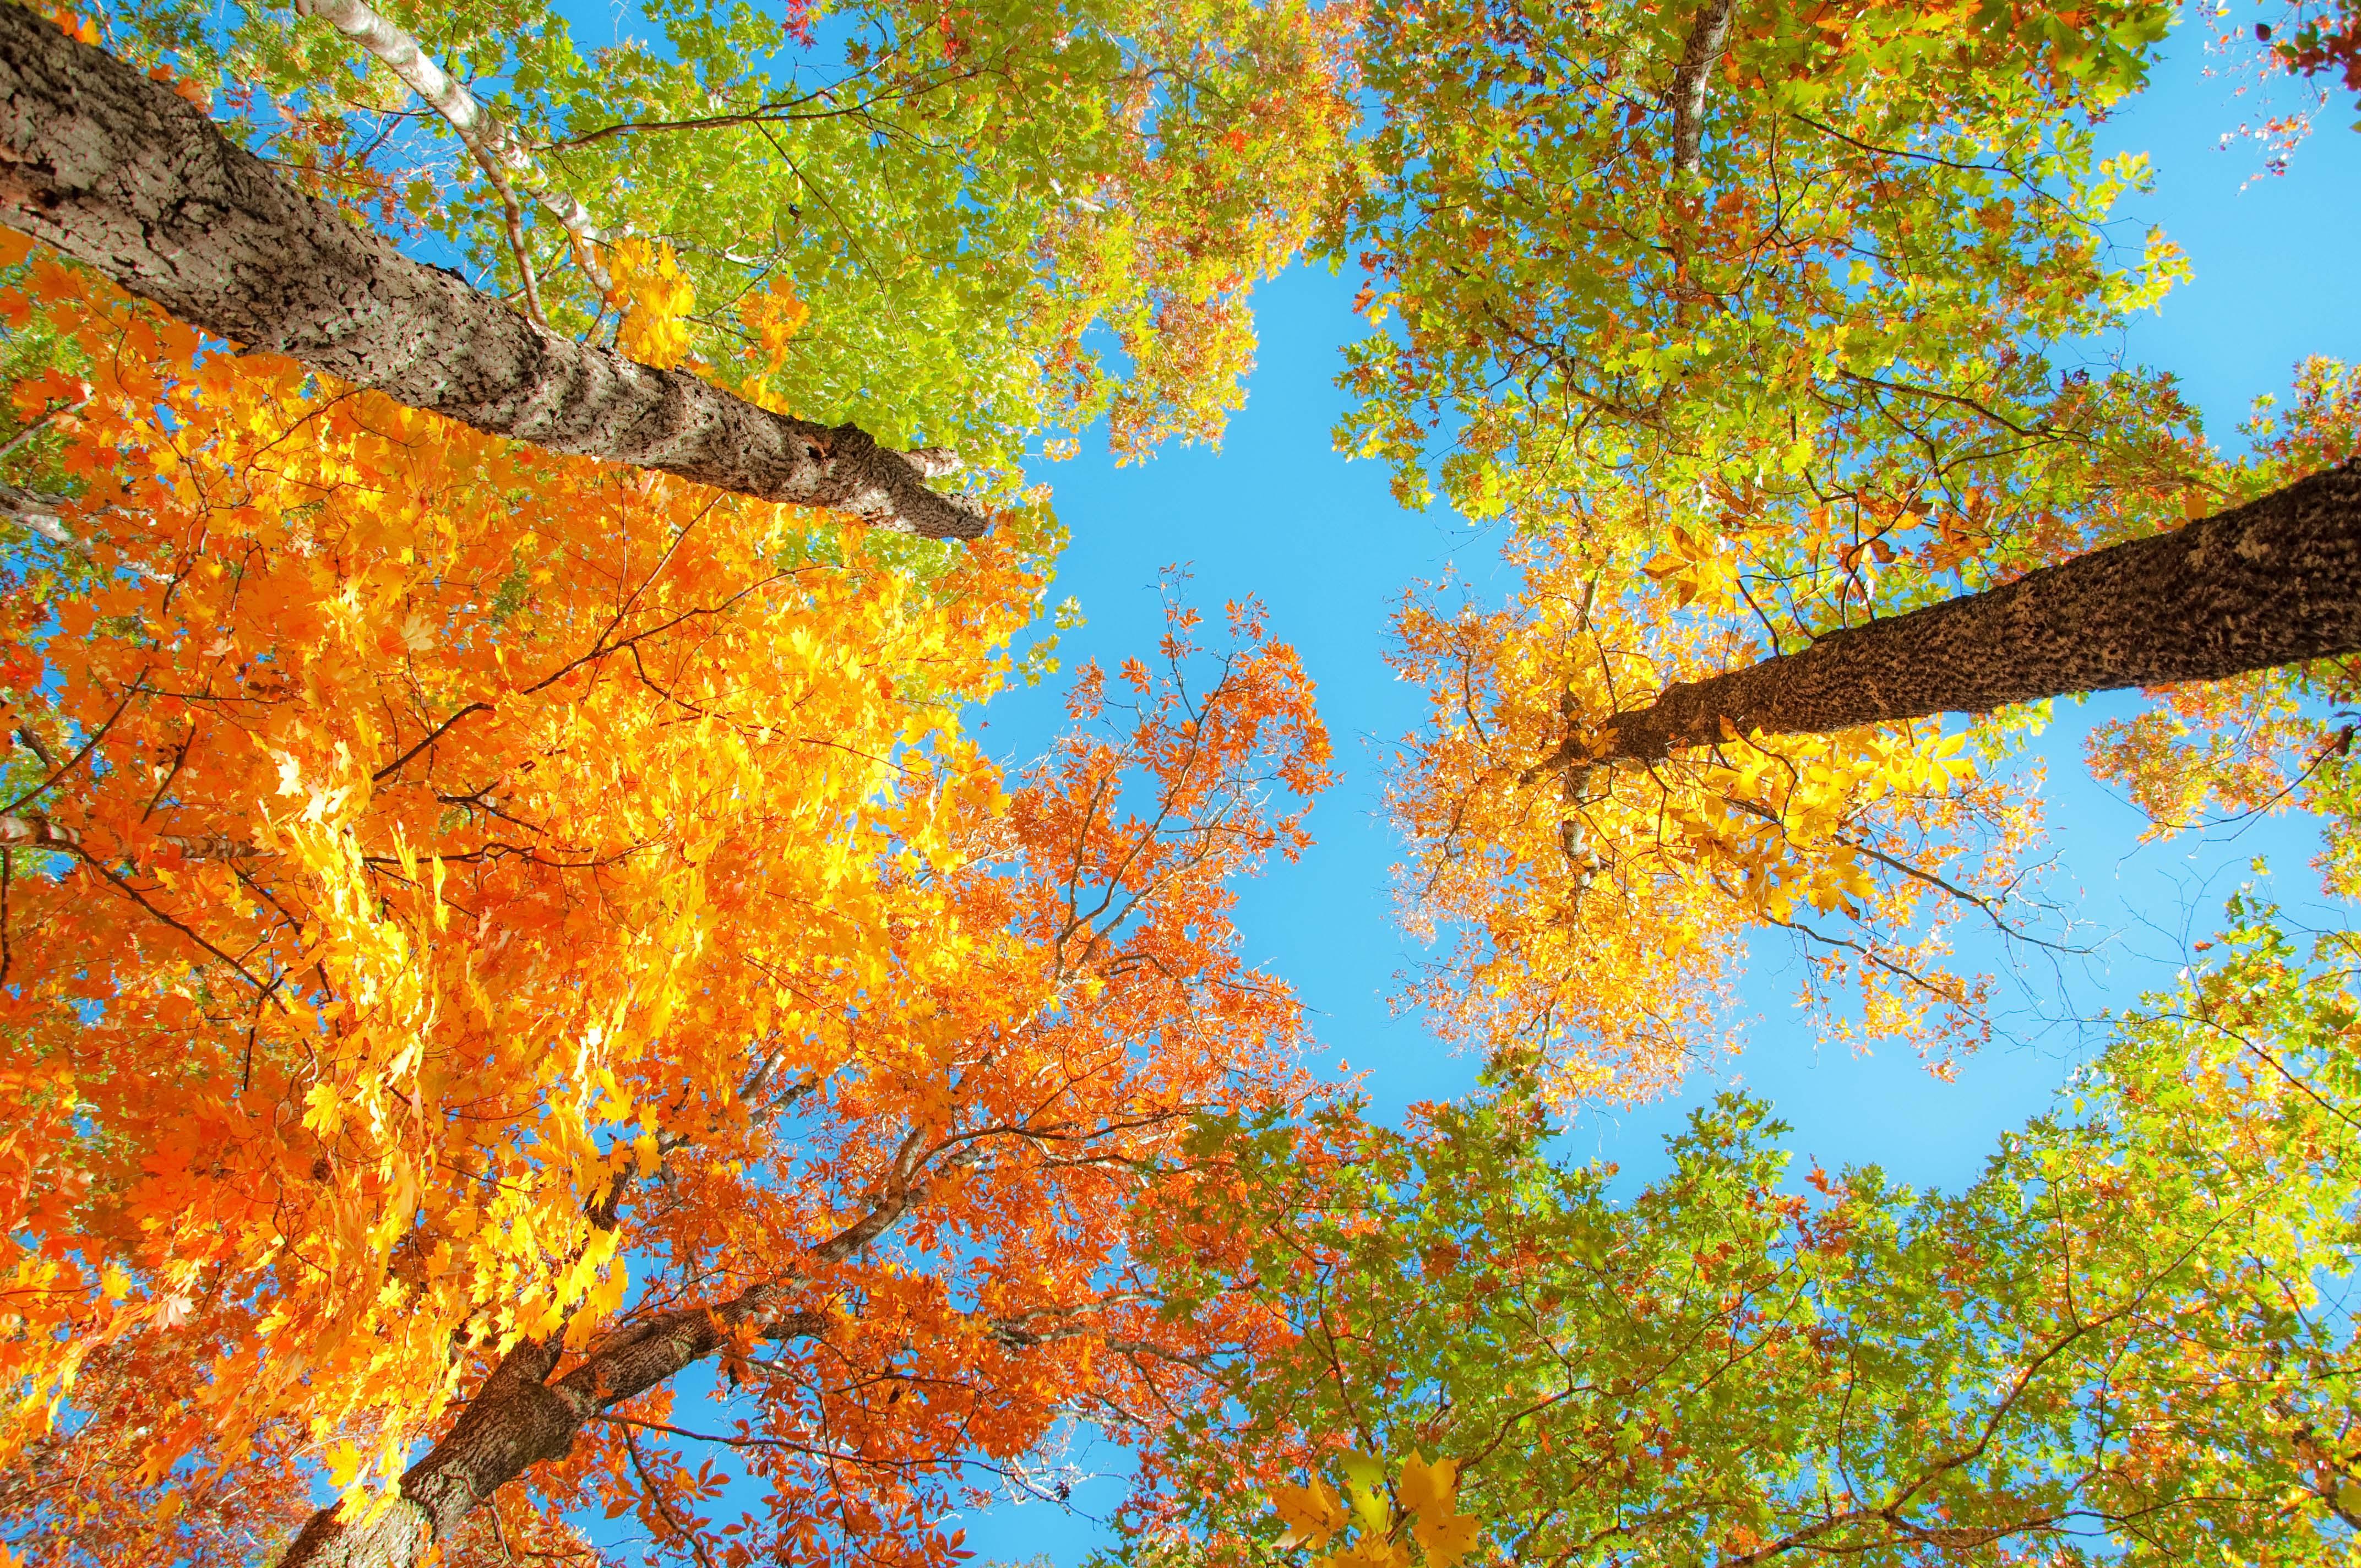 Fall Foliage Desktop Wallpapers | PixelsTalk.Net